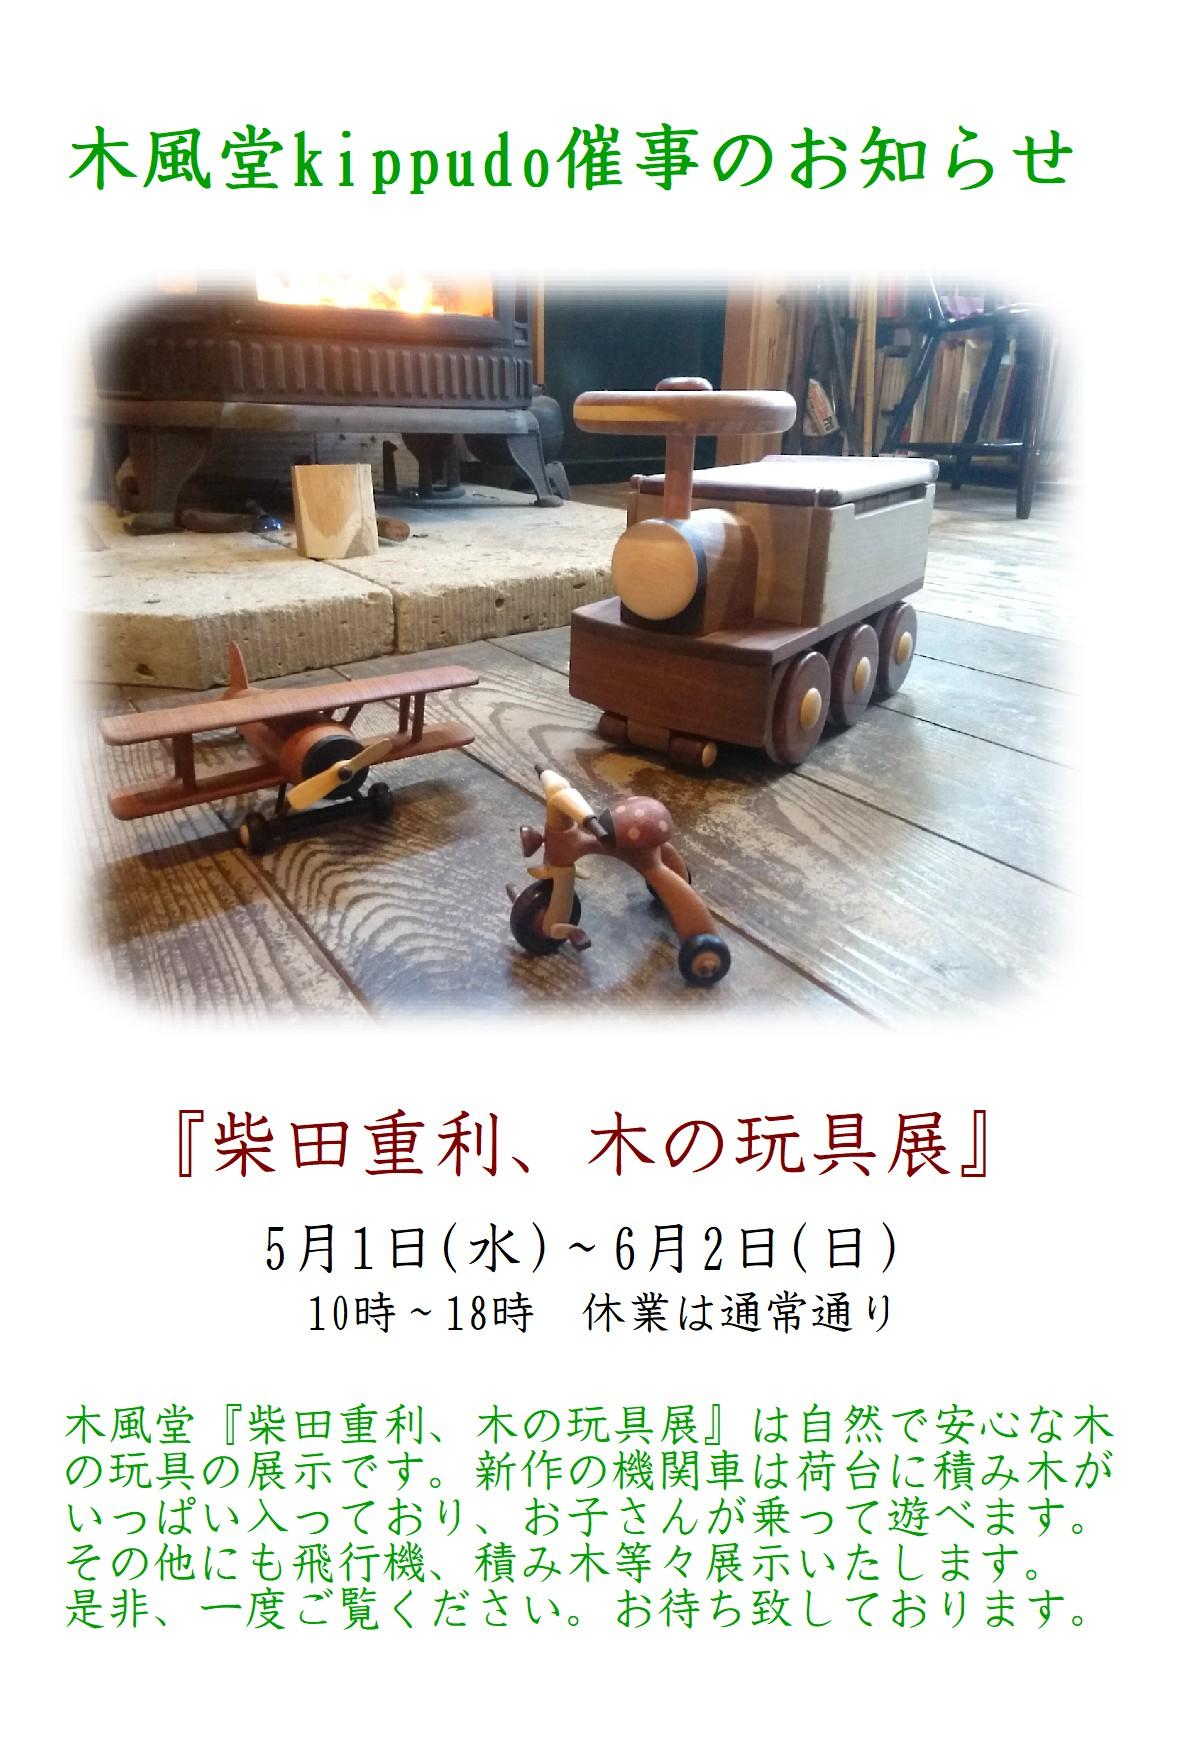 柴田重利木の玩具展201905